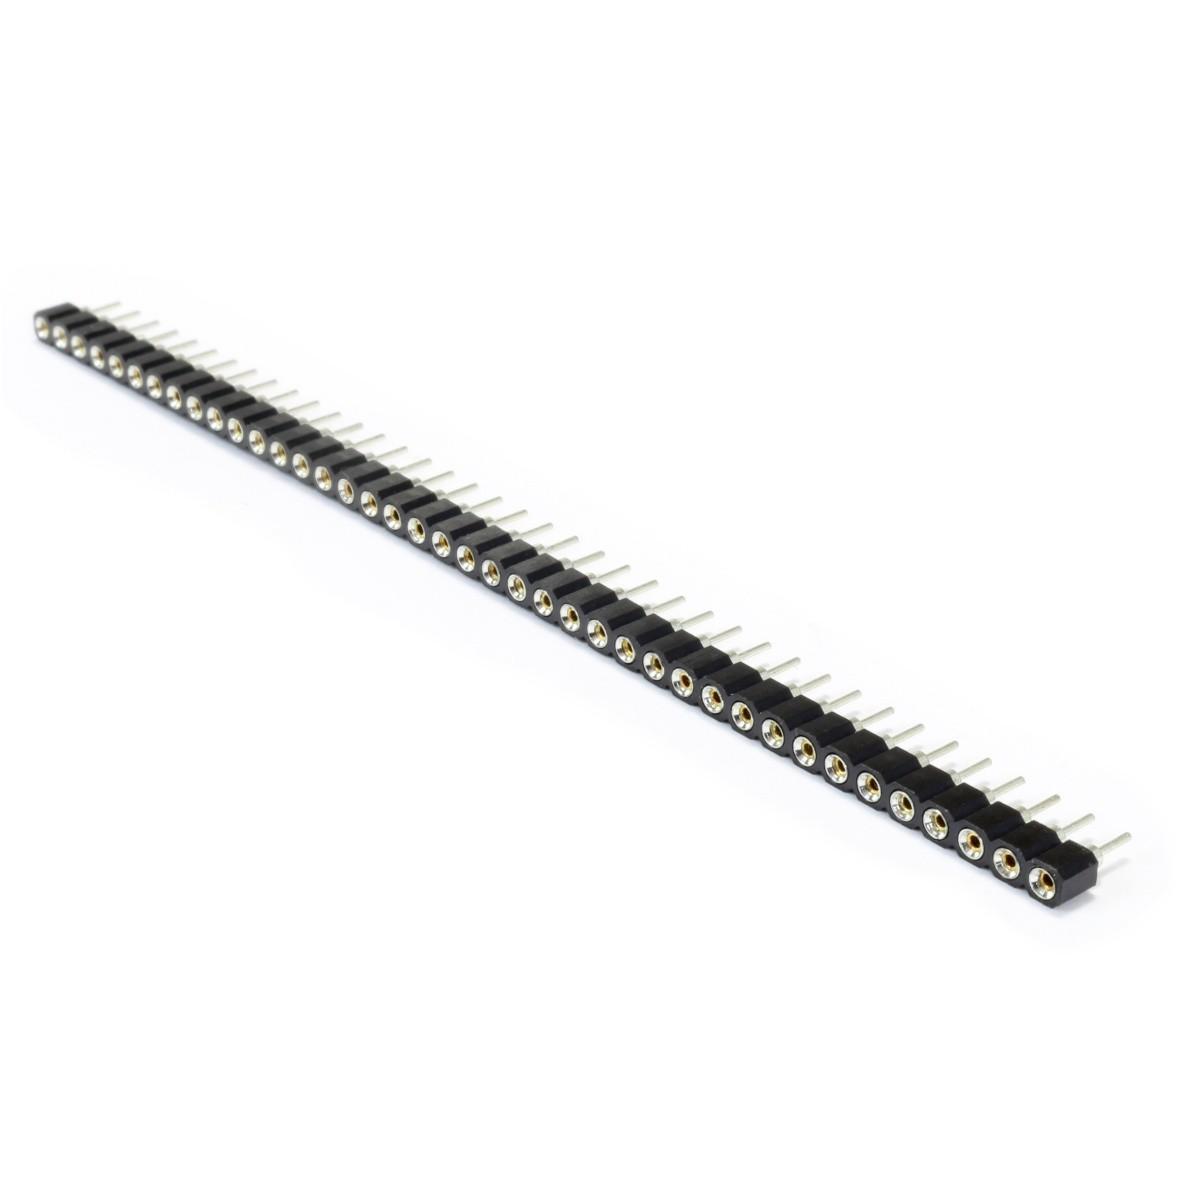 Connecteur Barrette 2.54mm Mâle / Femelle Rond 40 Pôles 5mm (Unité)